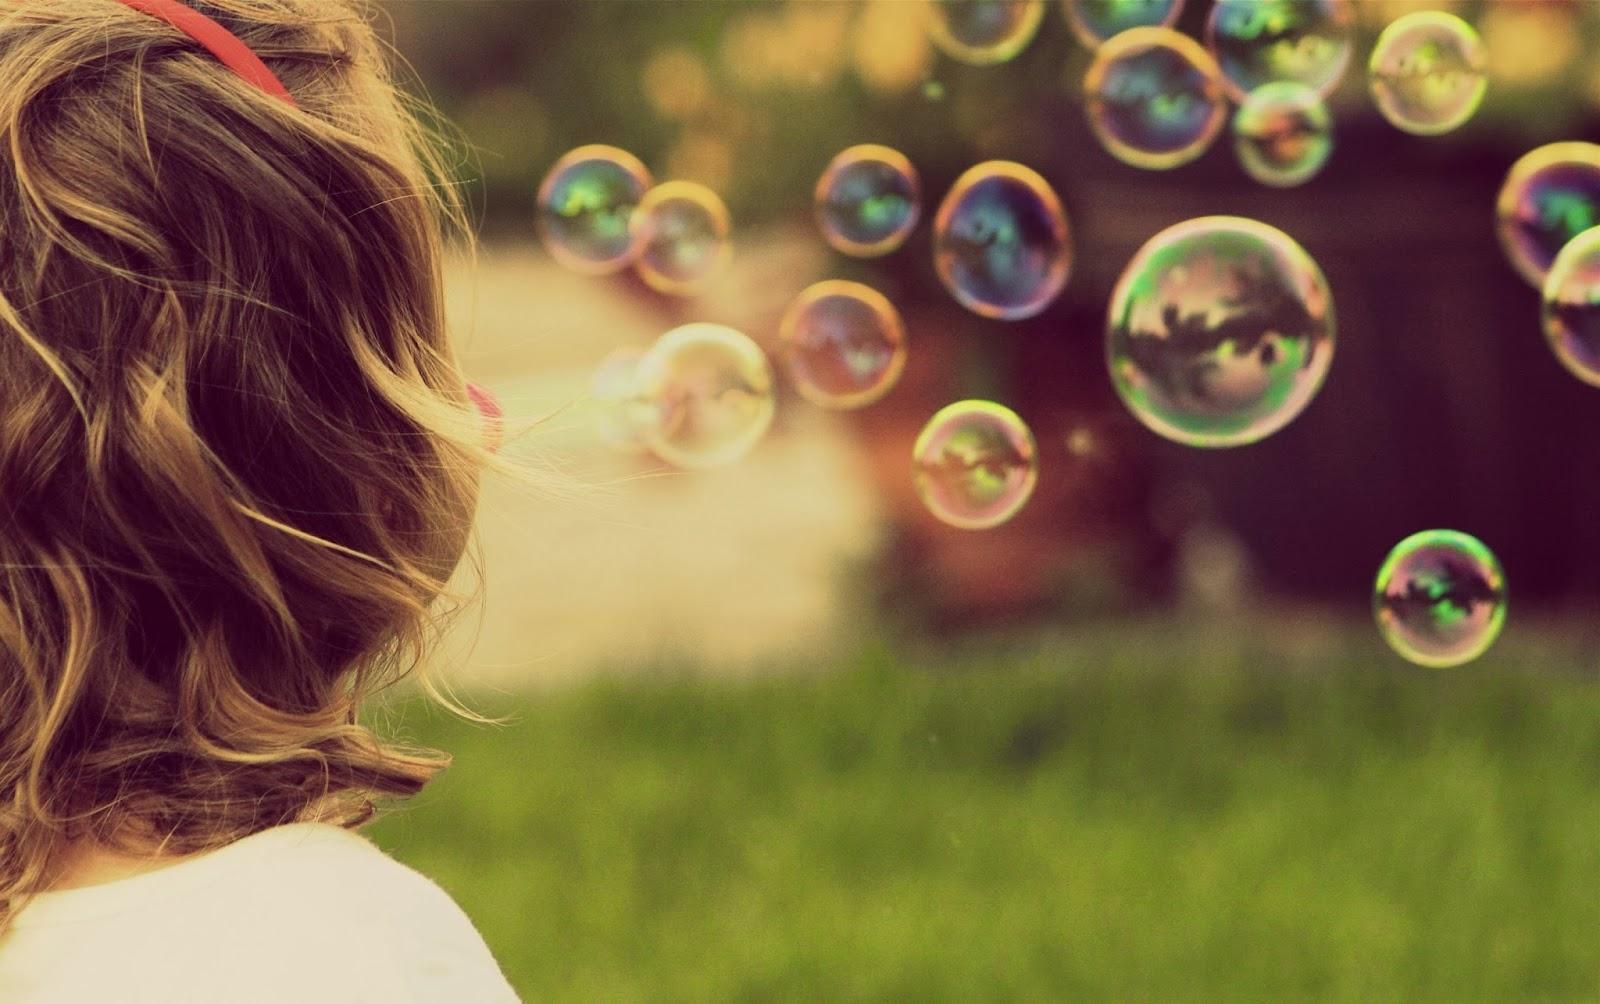 Chúng ta chỉ cần sống hạnh phúc mỗi ngày